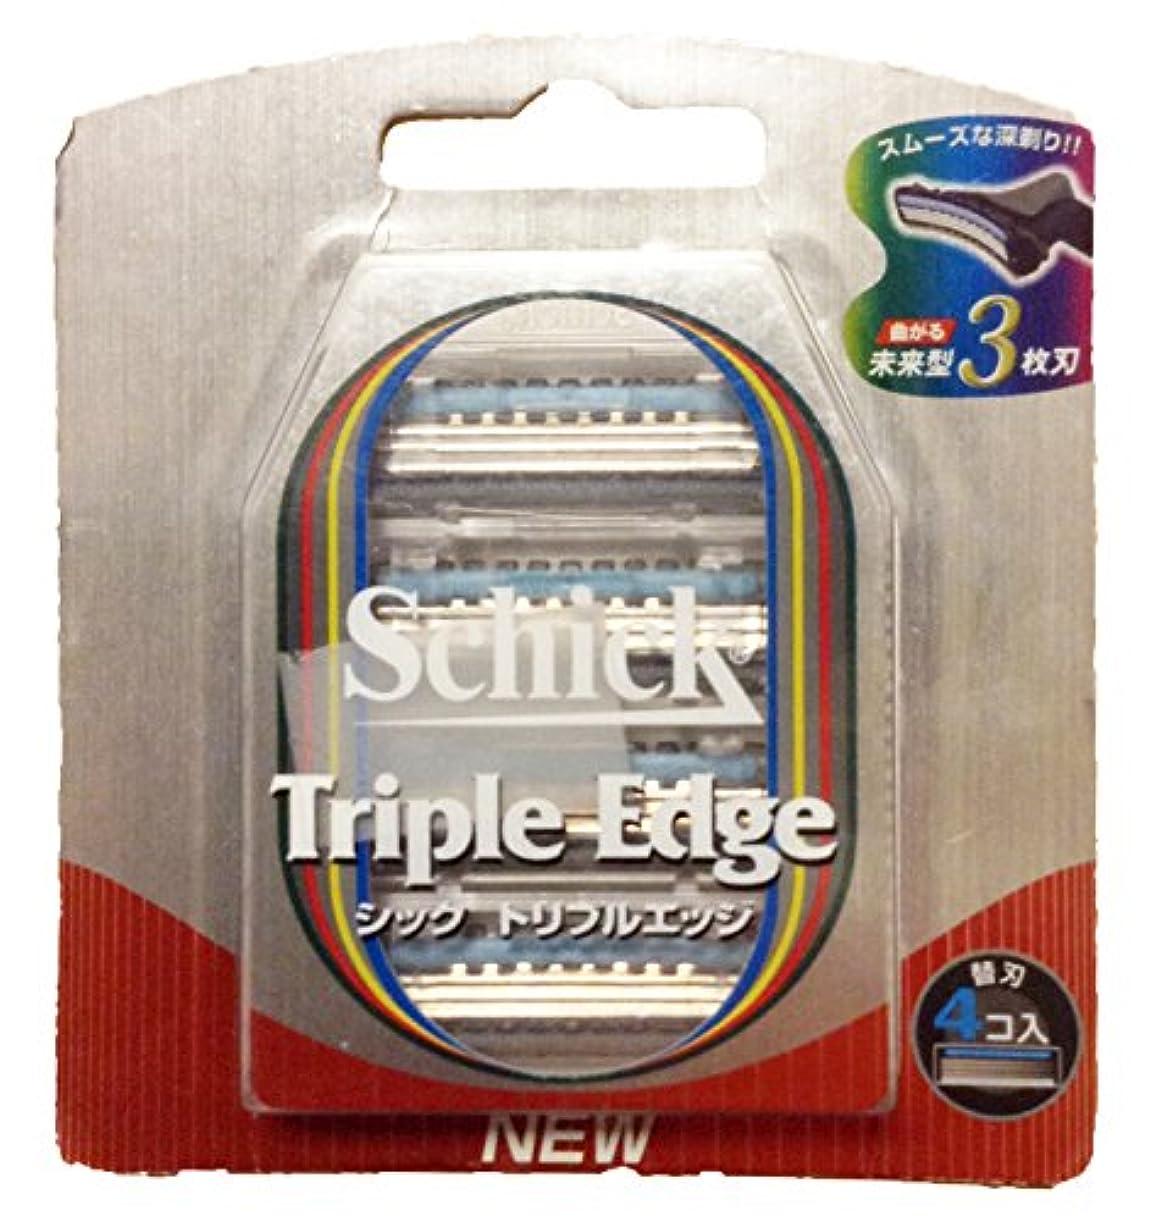 リス購入受け入れたシック トリプルエッジ替刃 4コ入り